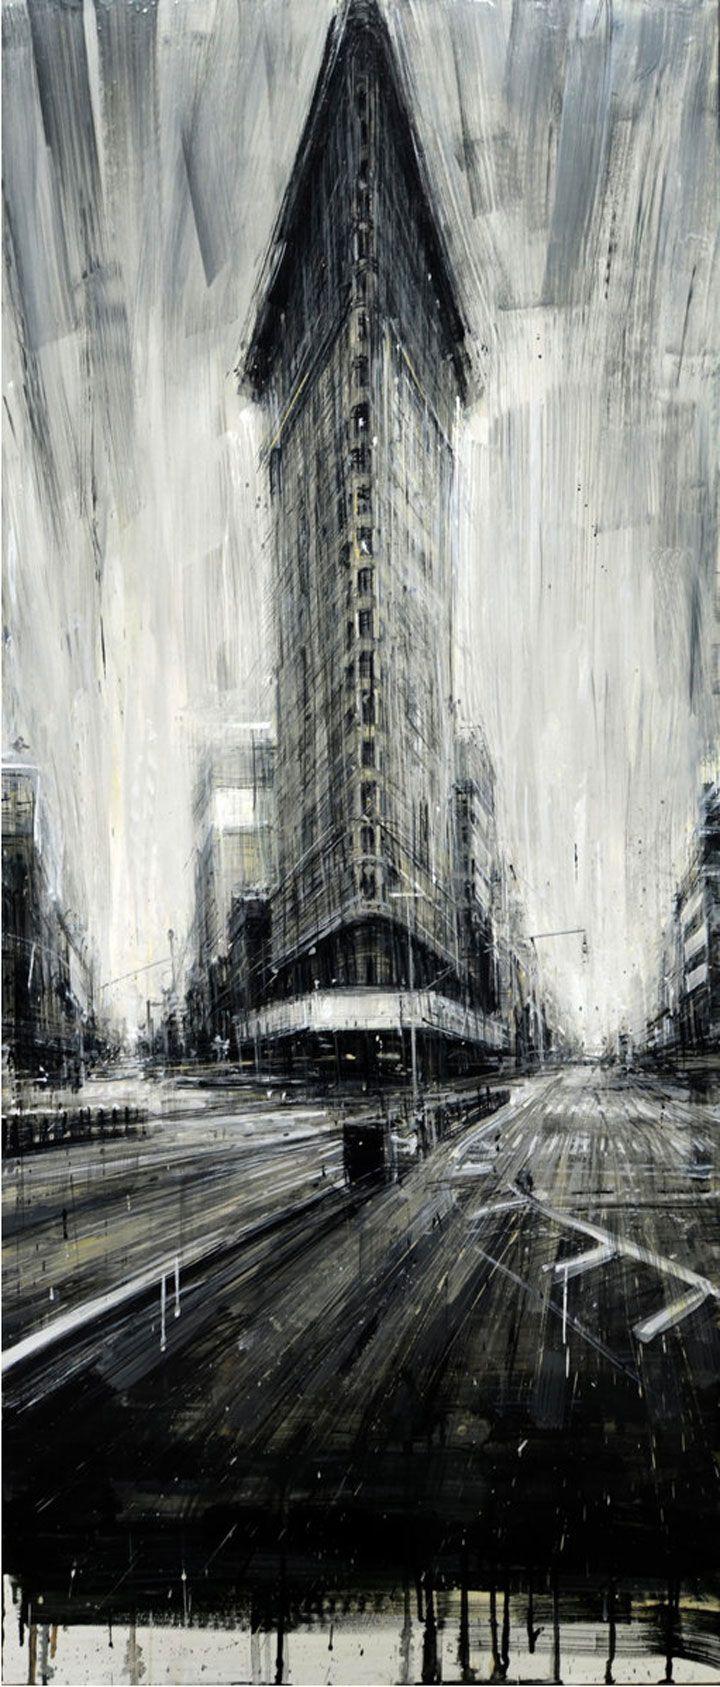 Valerio vous fait pénétrer dans sa vision des villes avec ses peintures impressionnantes